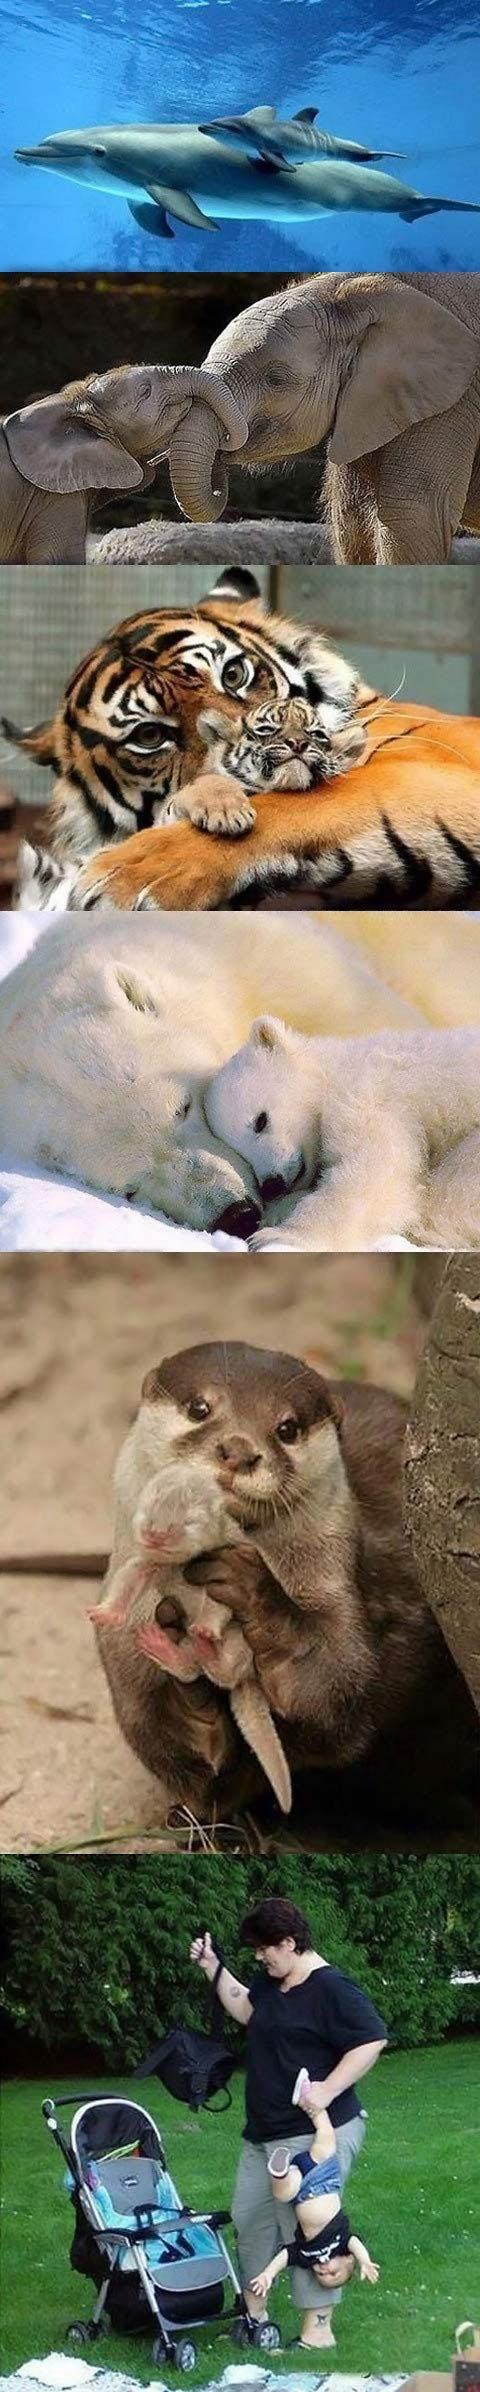 Parenting in nature…